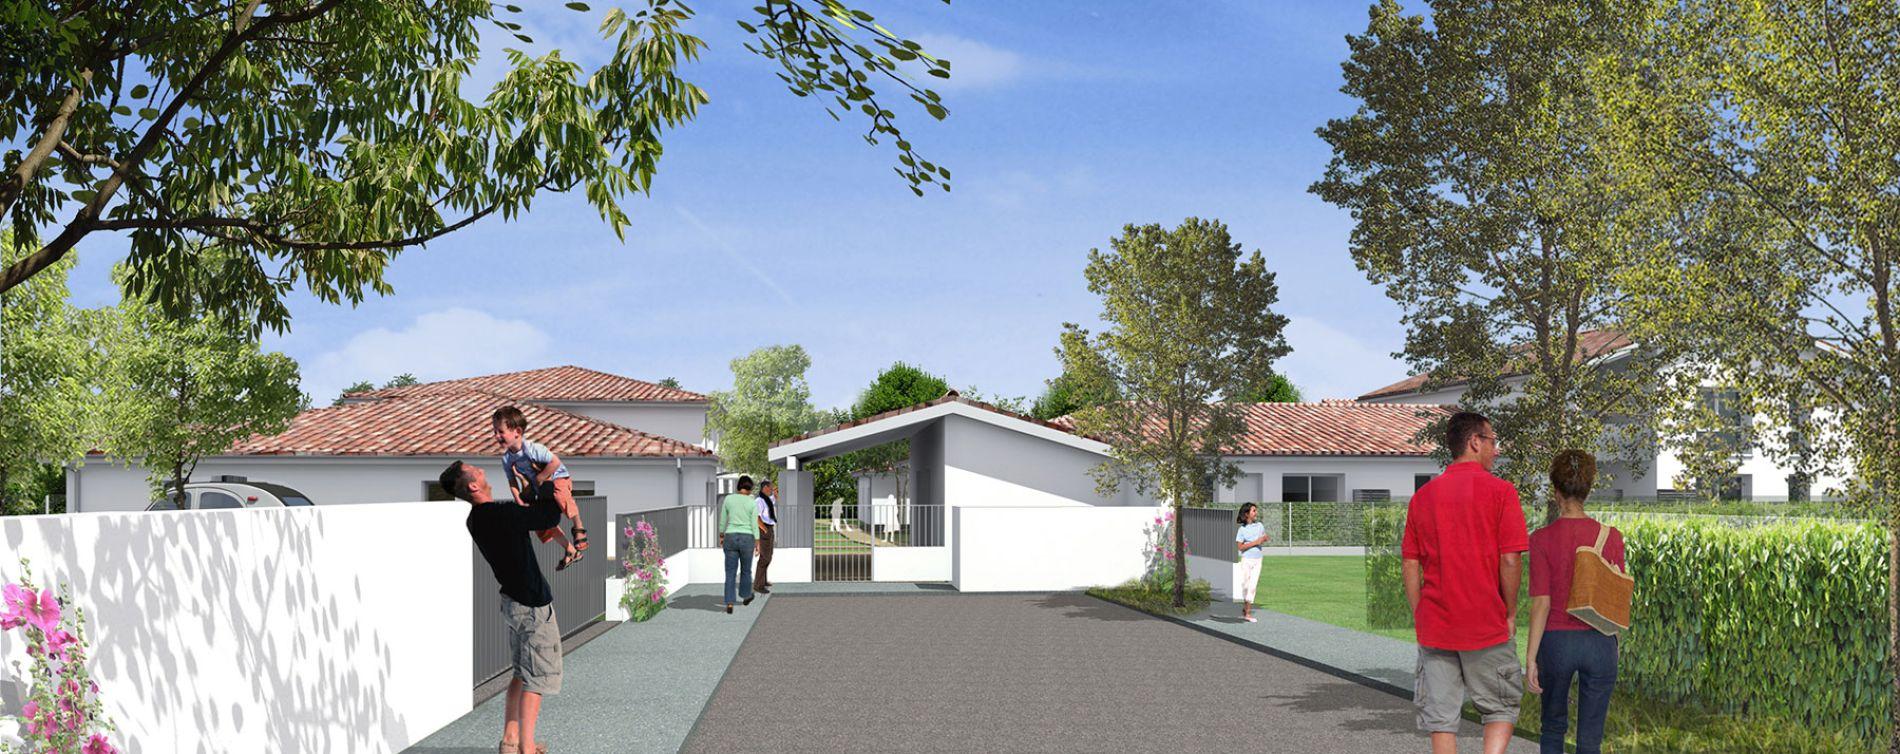 Résidence Villa Marie-Louise à Martillac